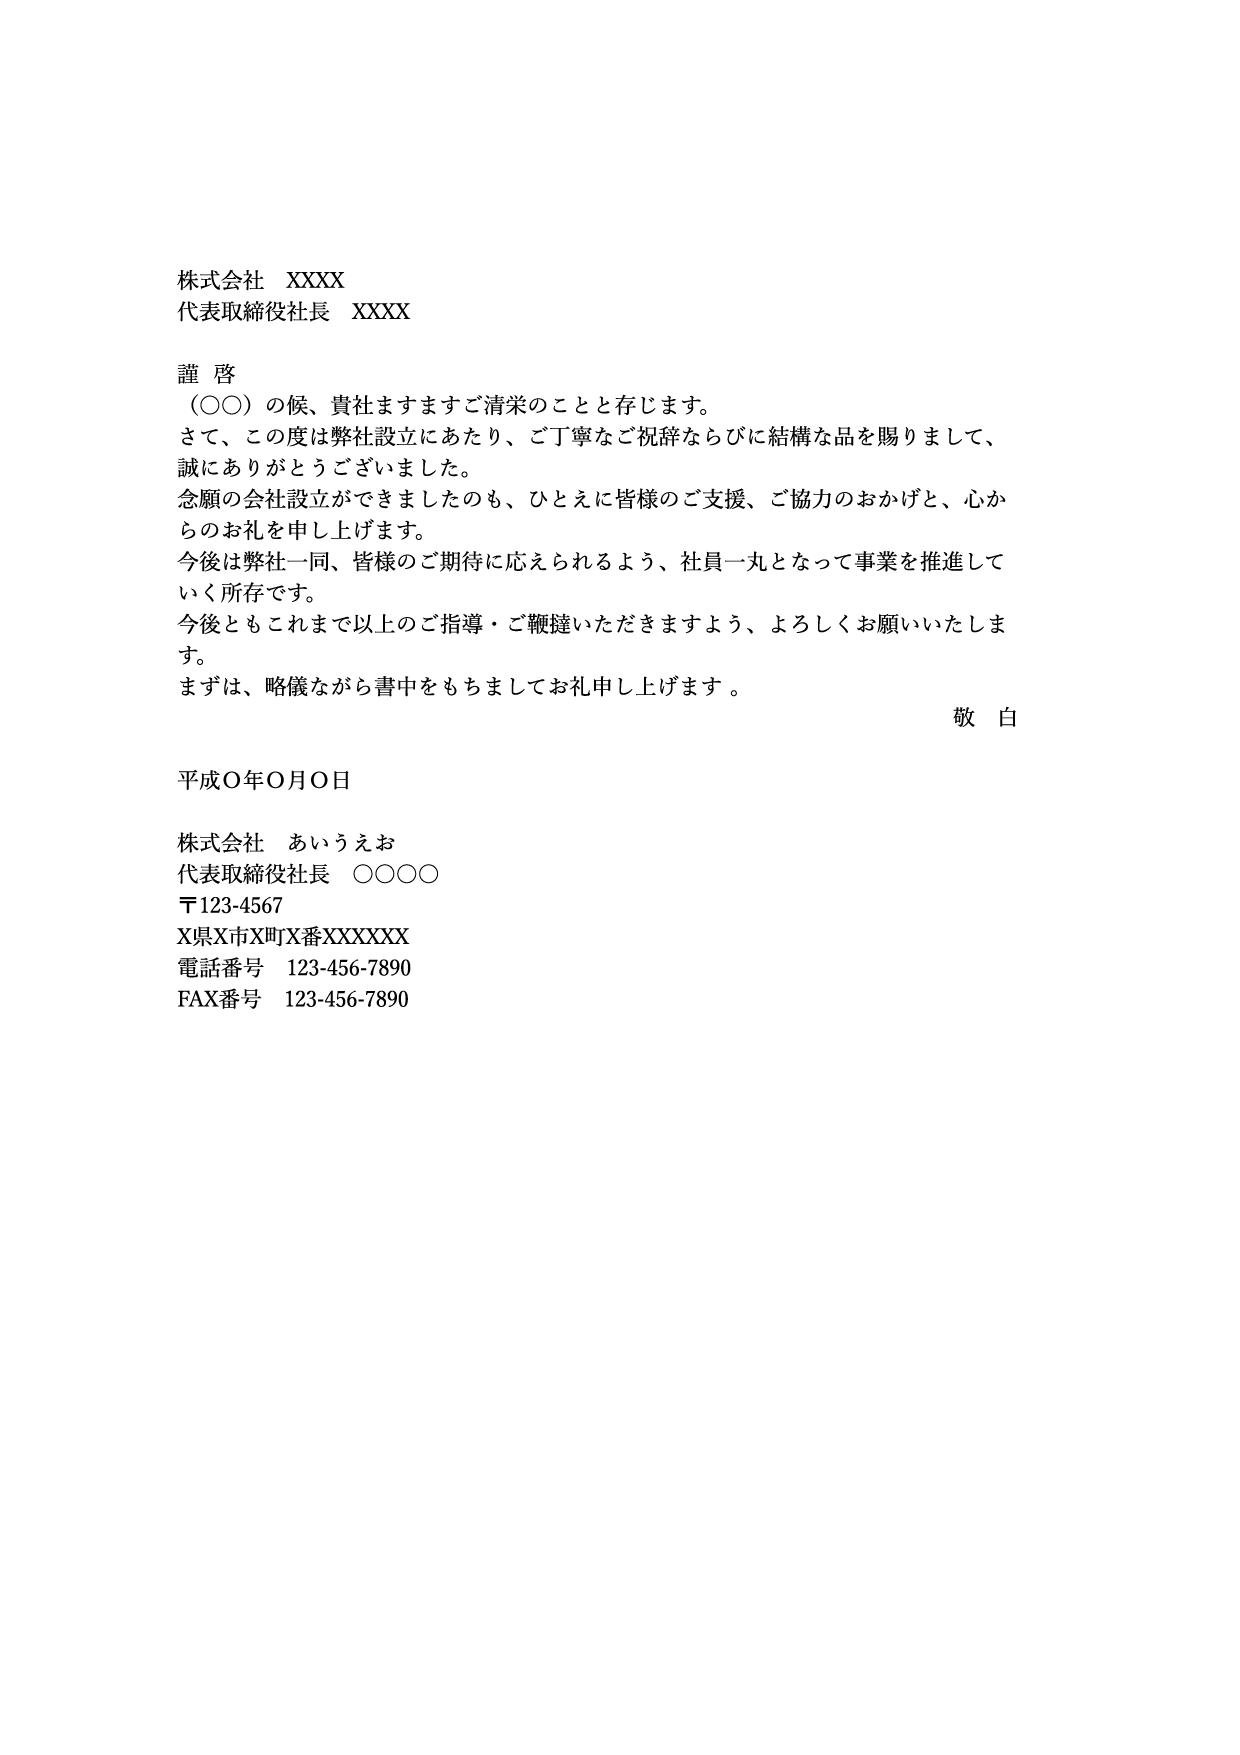 お礼状テンプレート_文例,書き方,お祝品(ワード・ページズ)